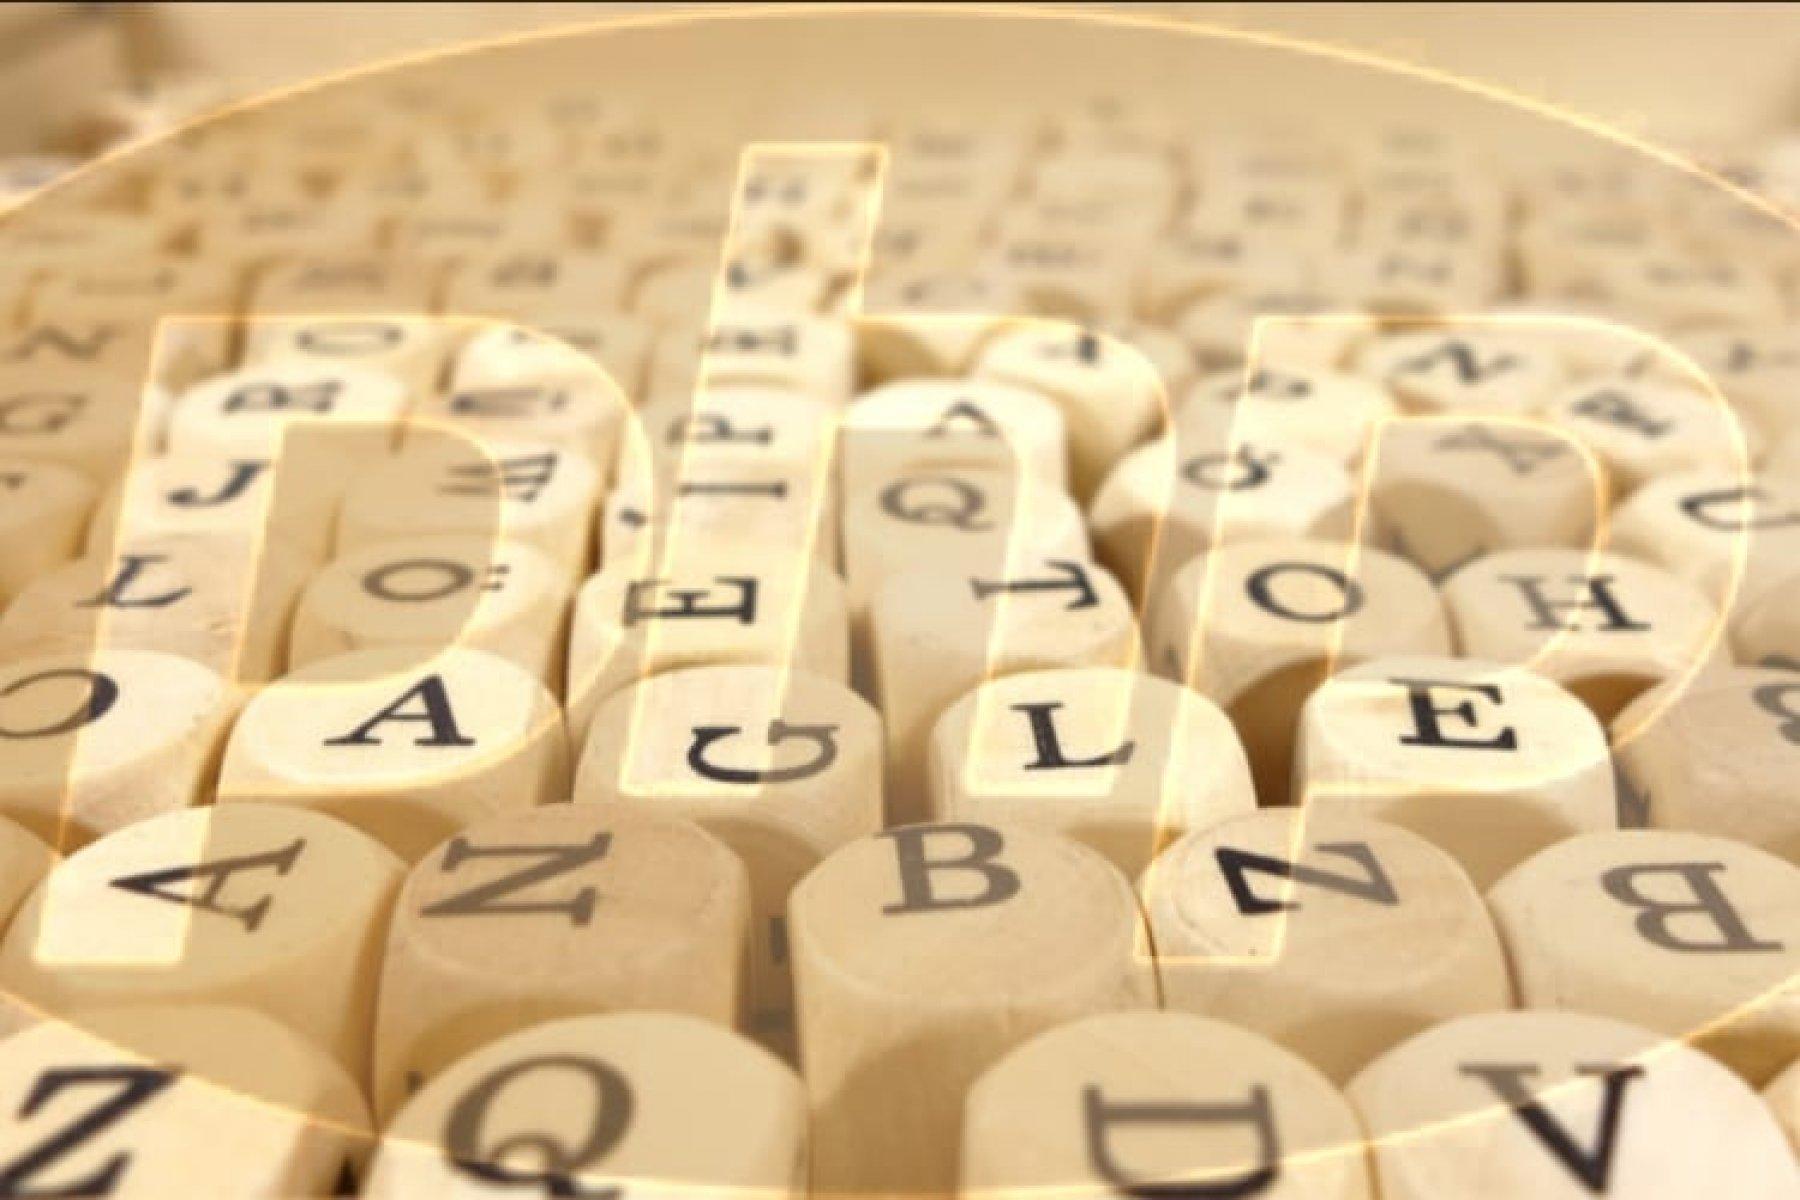 PHP ile A'dan Z'ye kadar alfabetik yazdırma?